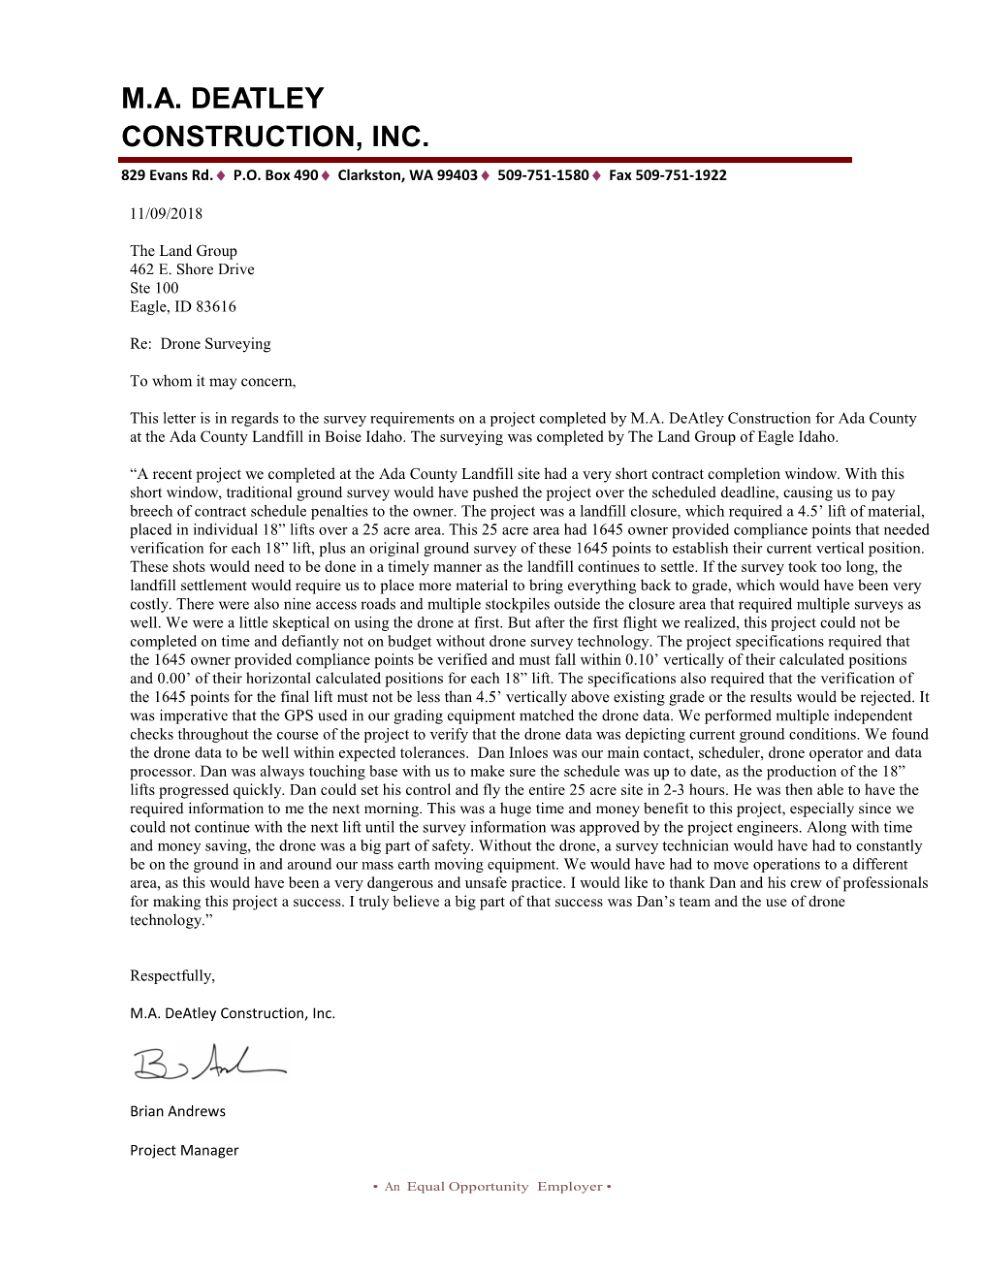 TLG Testimonial Letter.jpg